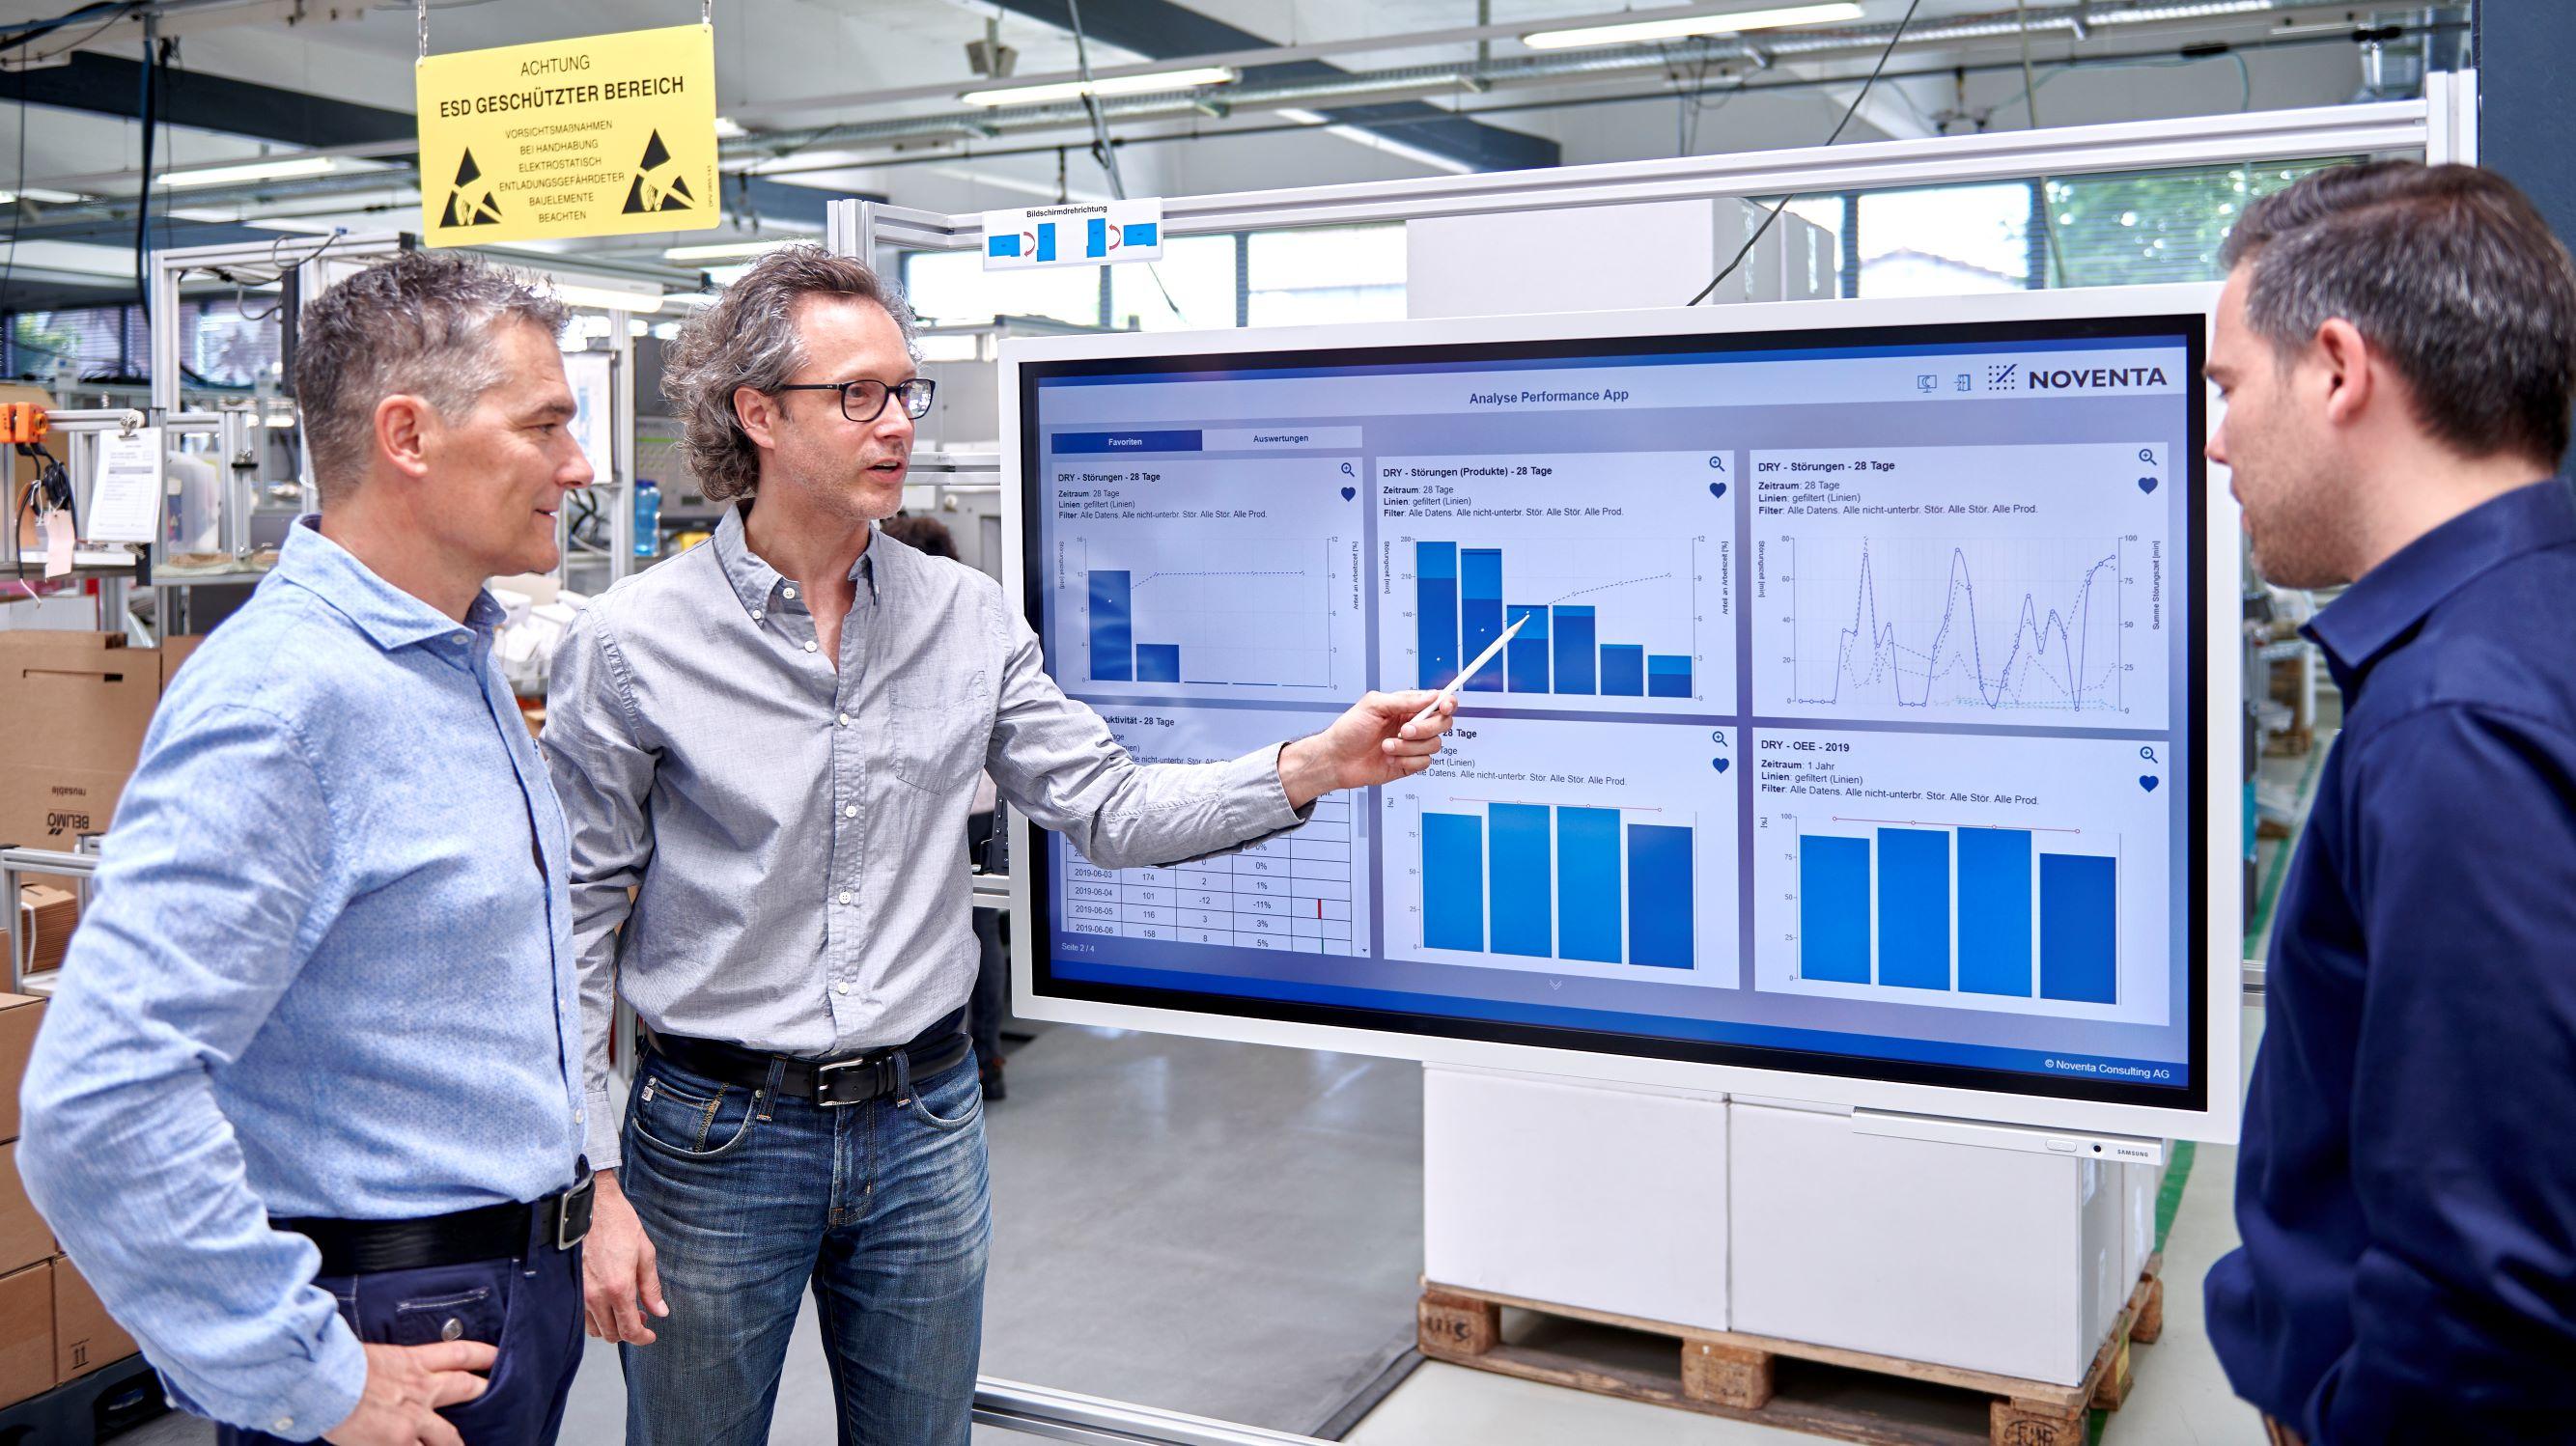 Datenauswertung-Verbesserung Produktion Schichtleiter Tool Echtzeit Prozessüberwachung